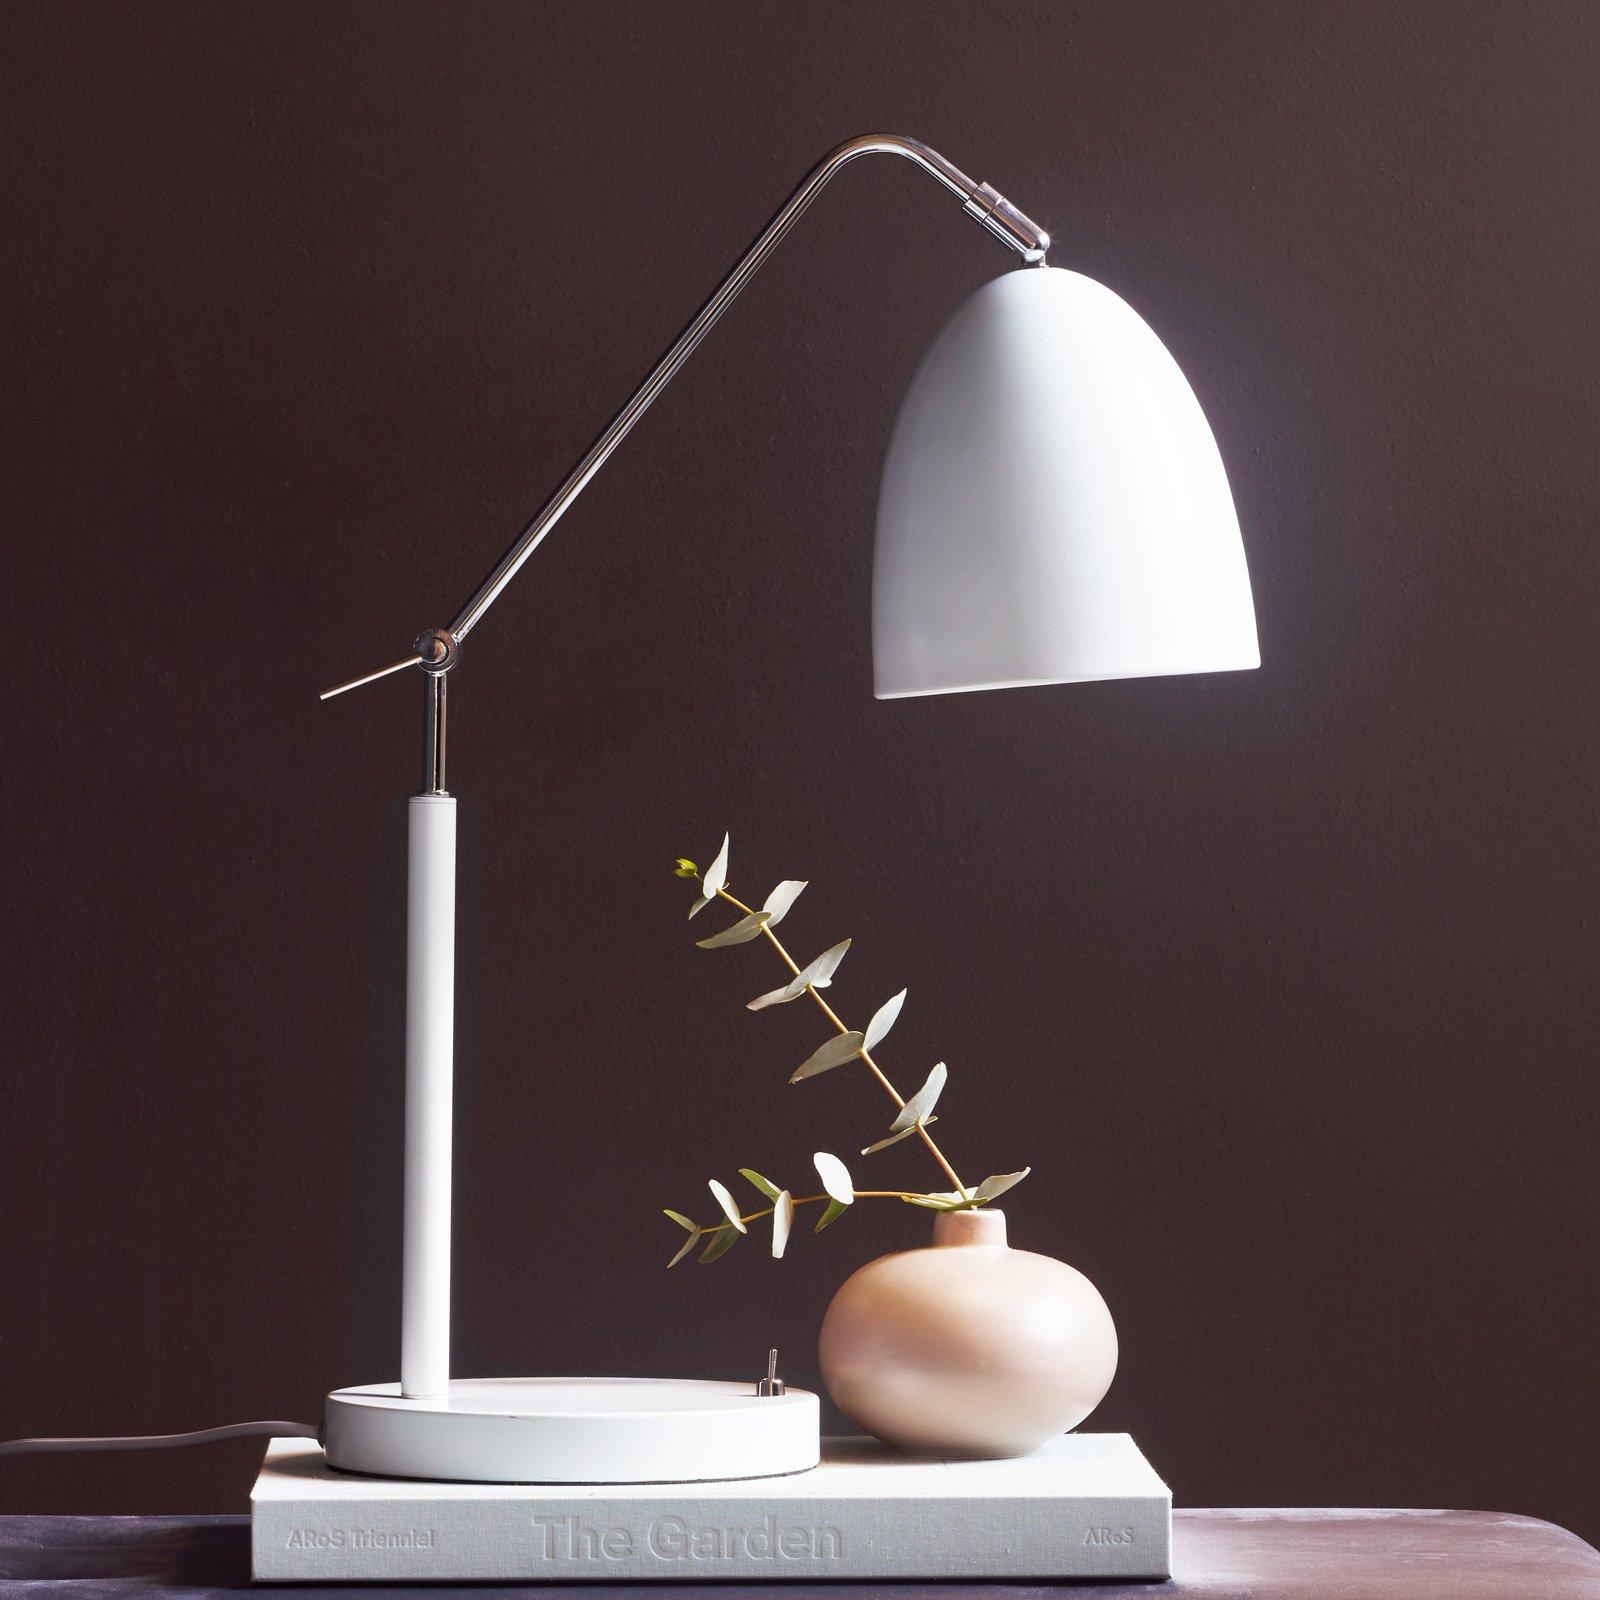 Bordlampe Alexander med ledd, hvit